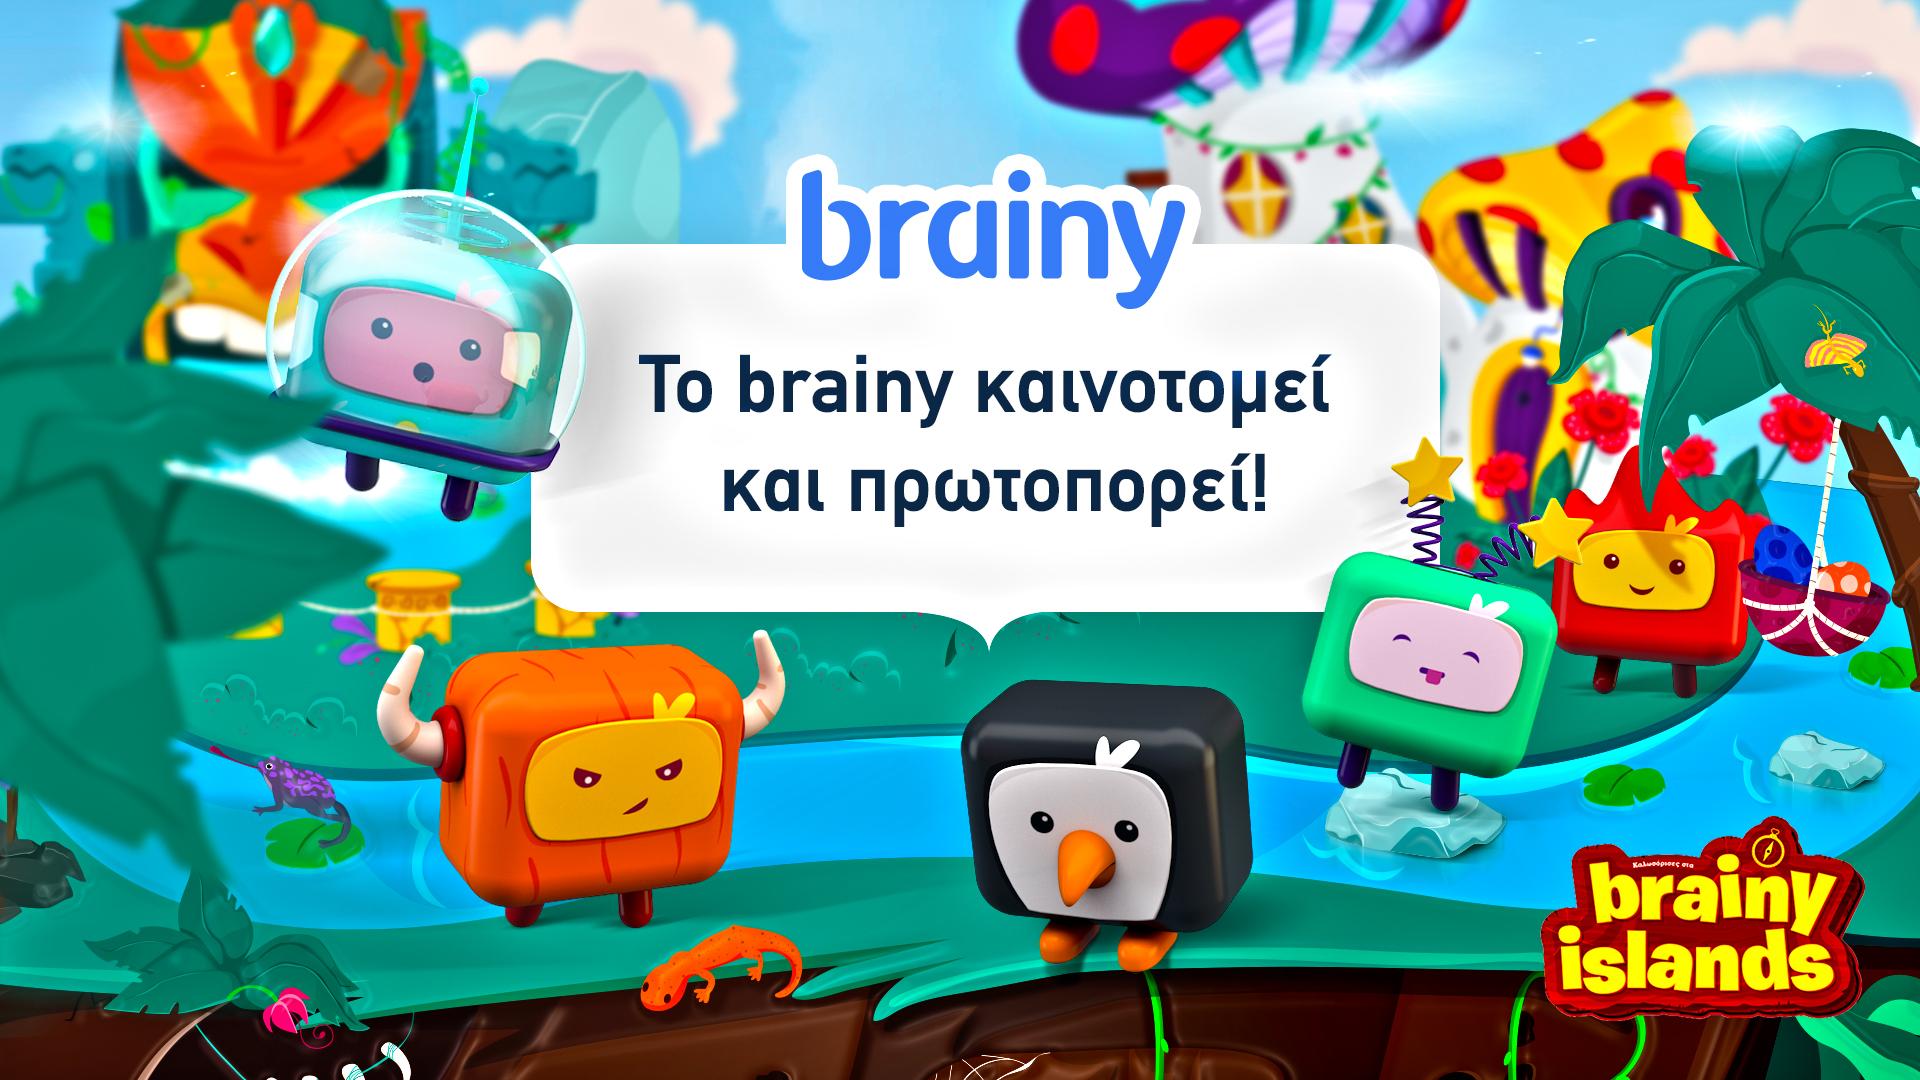 To brainy.gr καινοτομεί και πρωτοπορεί!